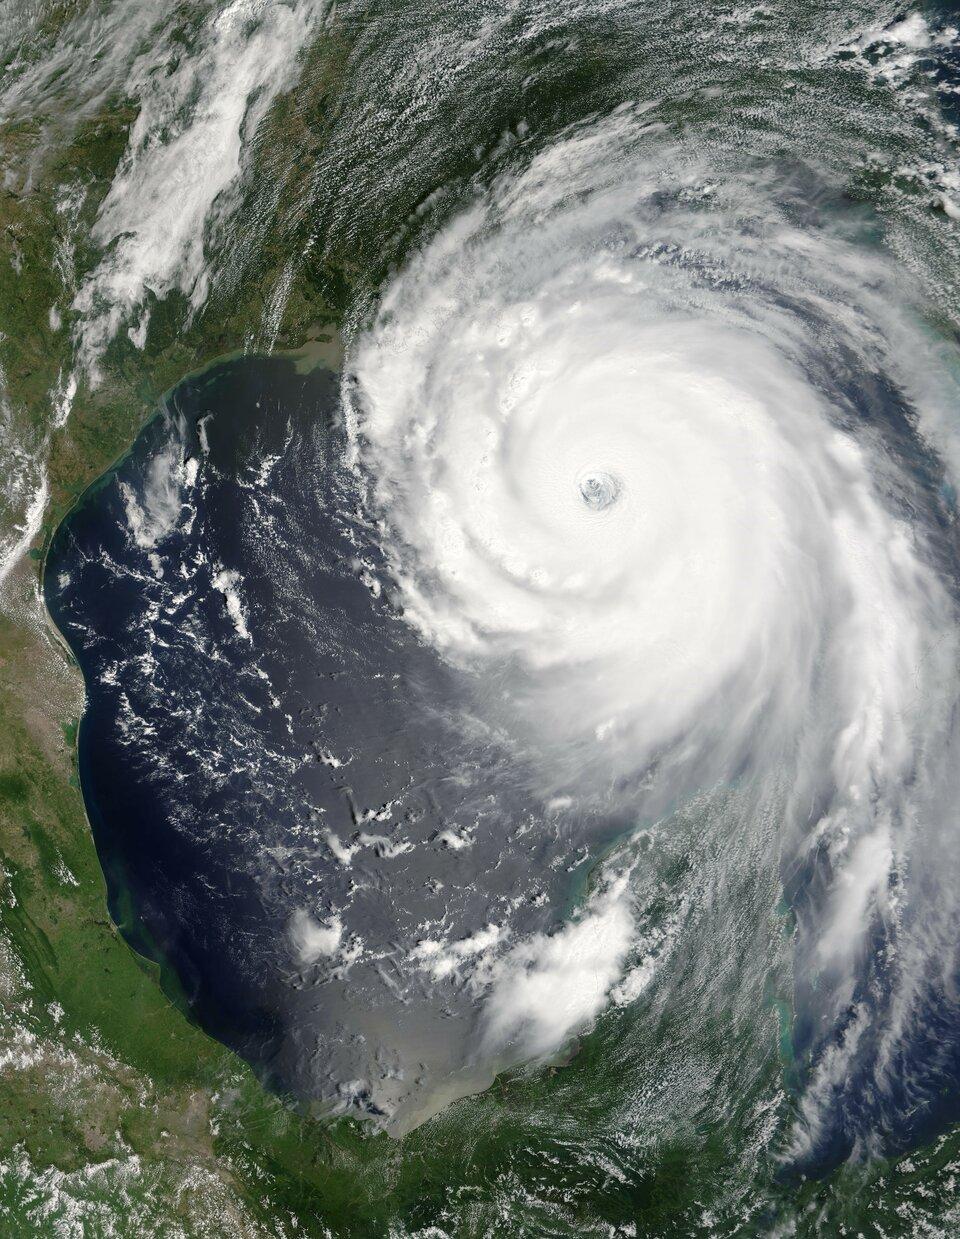 Zdjęcie satelitarne przedstawia huragan oglądany zorbity okołoziemskiej. Na środku zdjęcia białe chmury ułożone wkształt spirali lub wiru. Chmury skręcają się przeciwnie do ruchu wskazówek zegara. Wcentrum spirali znajduje się pusty obszar, czyli oko huraganu. Wobszarach skupiska spiralnie skręconych chmur ipo jego lewej stronie zielony kontynent iciemnoniebieskie wody oceanu.